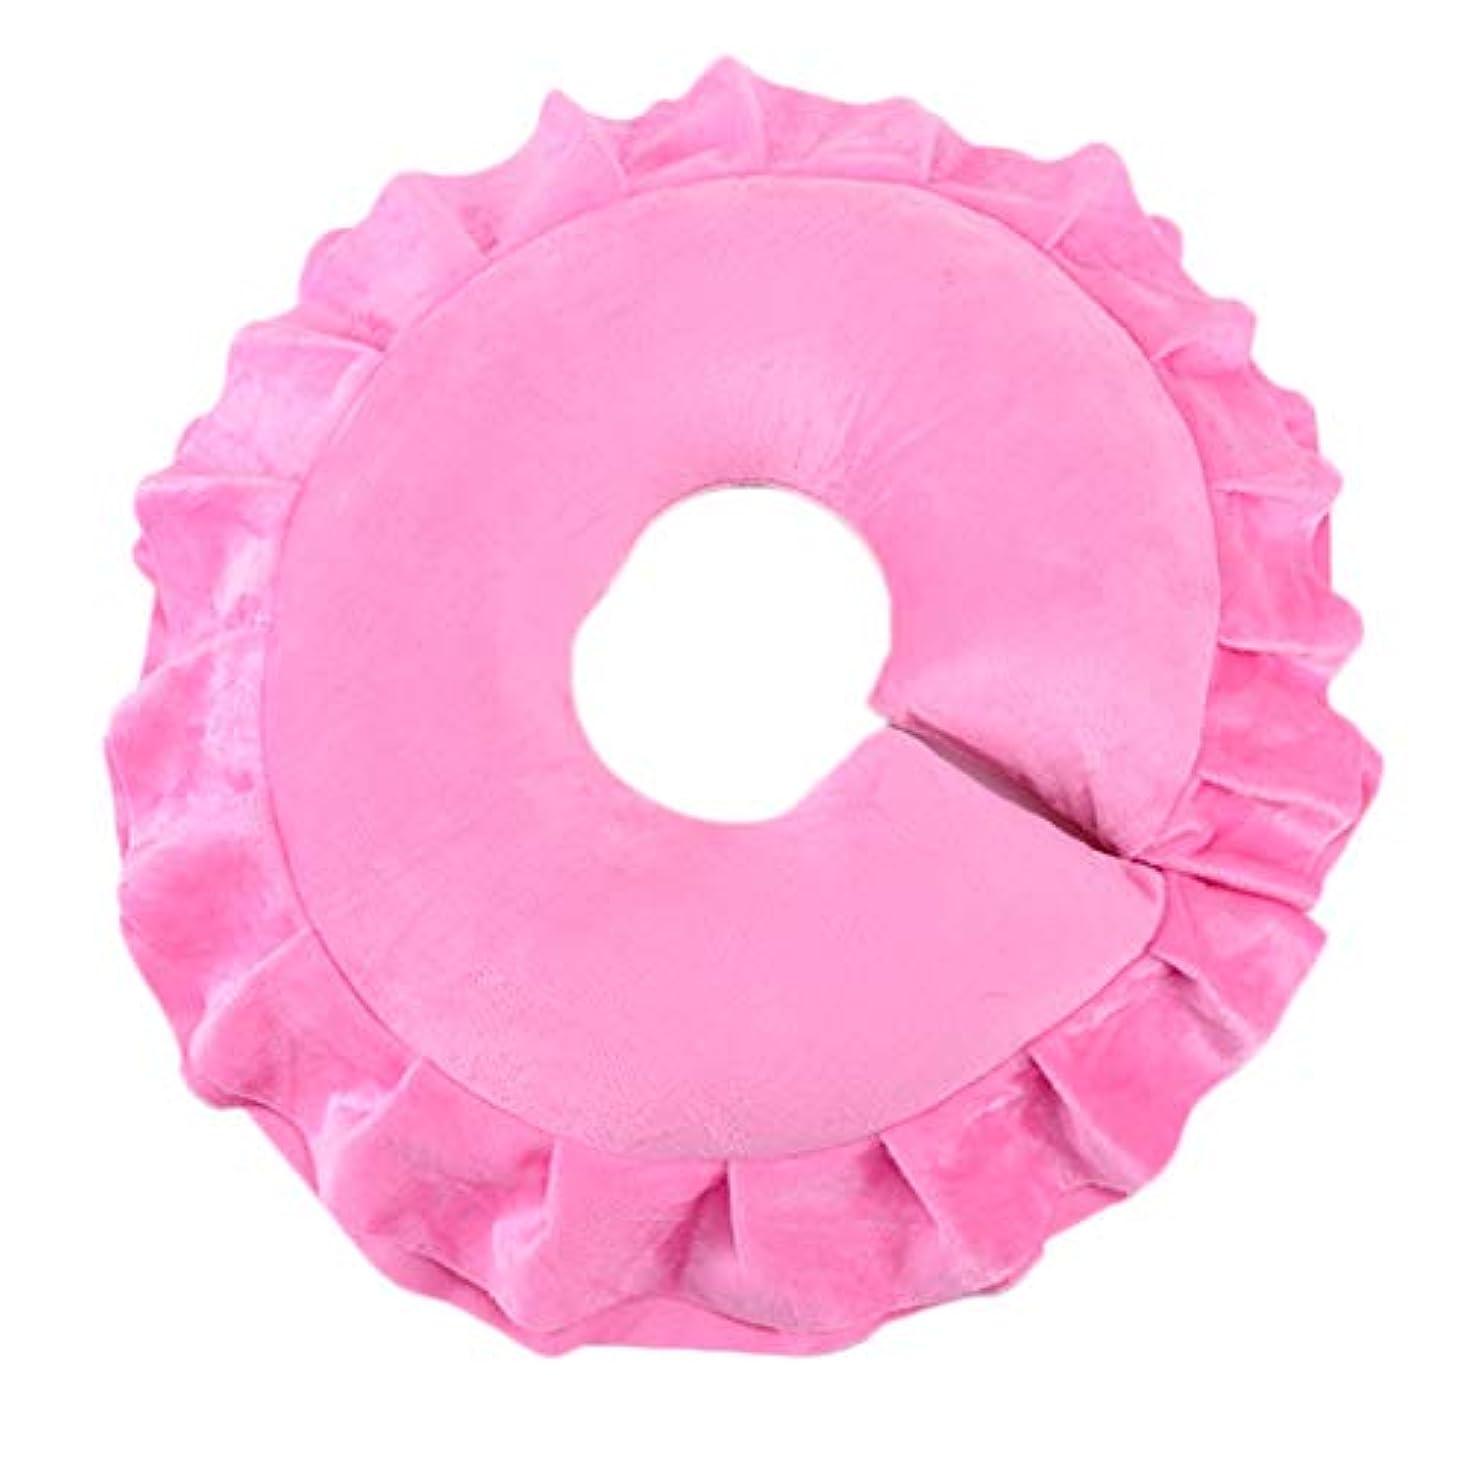 レンチの配列女将顔枕 マッサージ用 フェイスピロー 枕 フェイスクッション ソフト マッサージ クッション 全4色 - ピンク